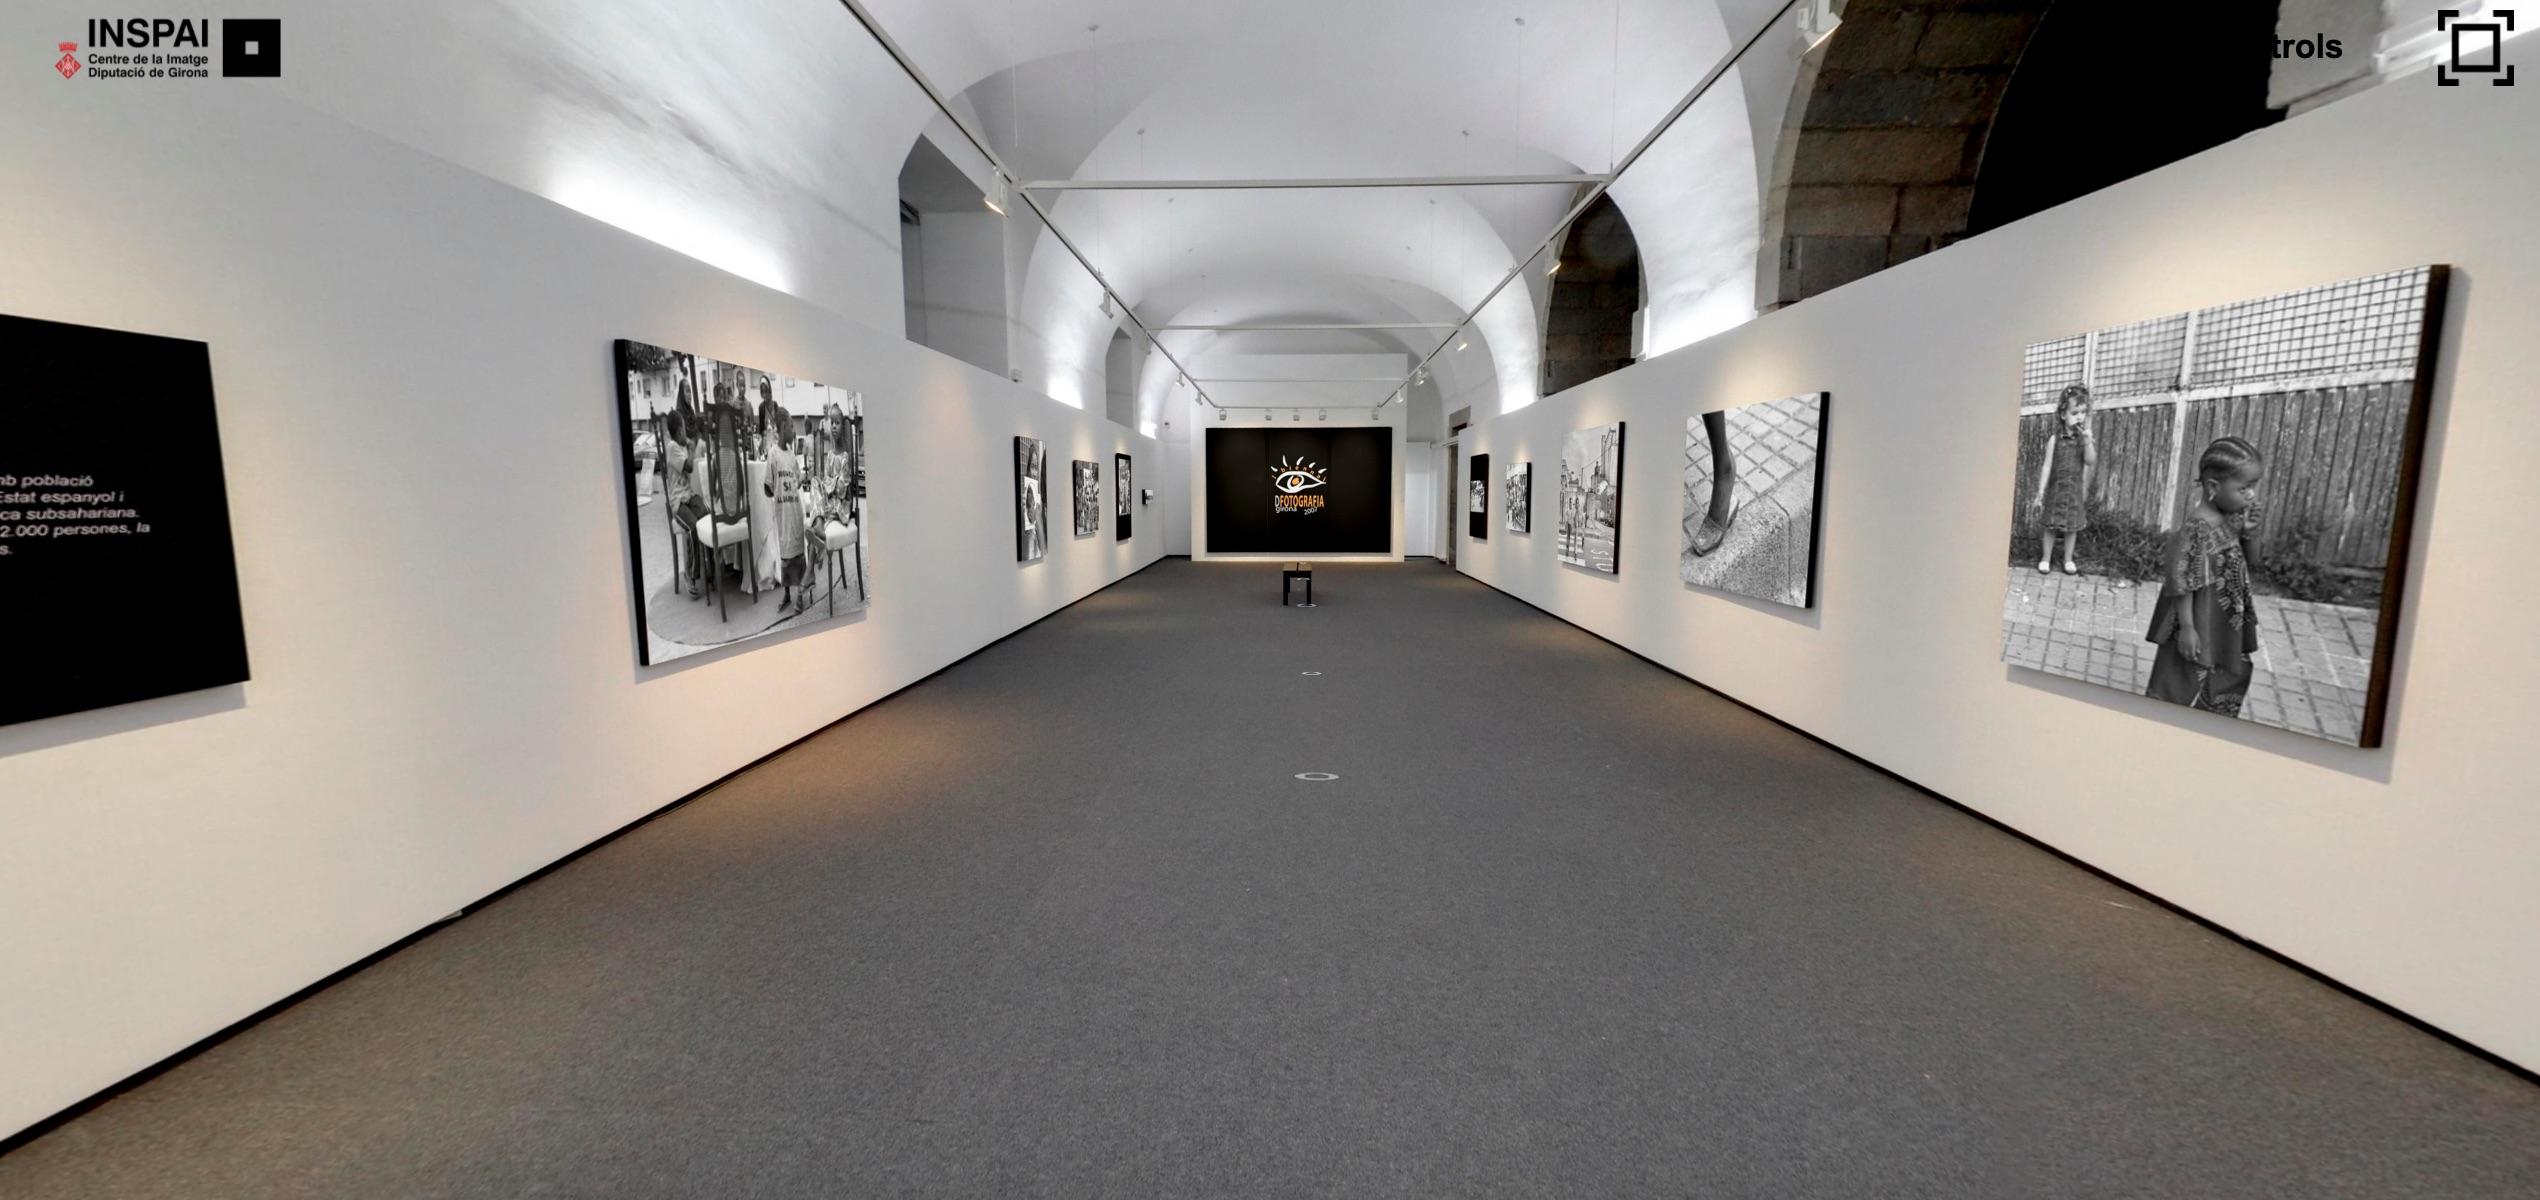 Img Presentació de l'exposició virtual interactiva de la I Biennal Internacional de Fotografia